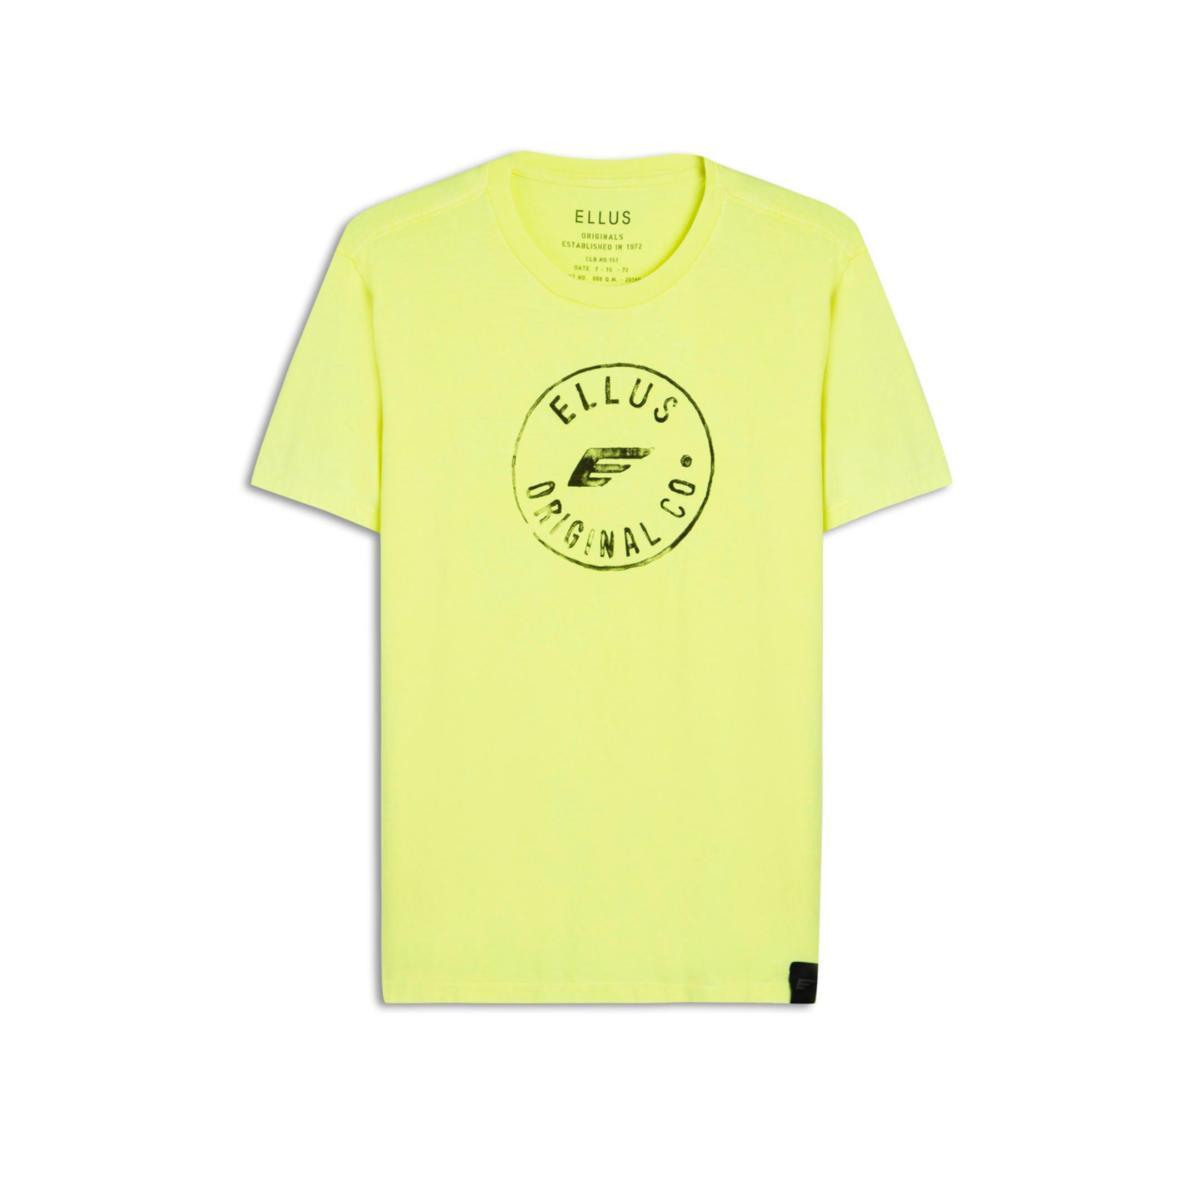 Camiseta Masculina Ellus 53c7673  33f Verde Neon